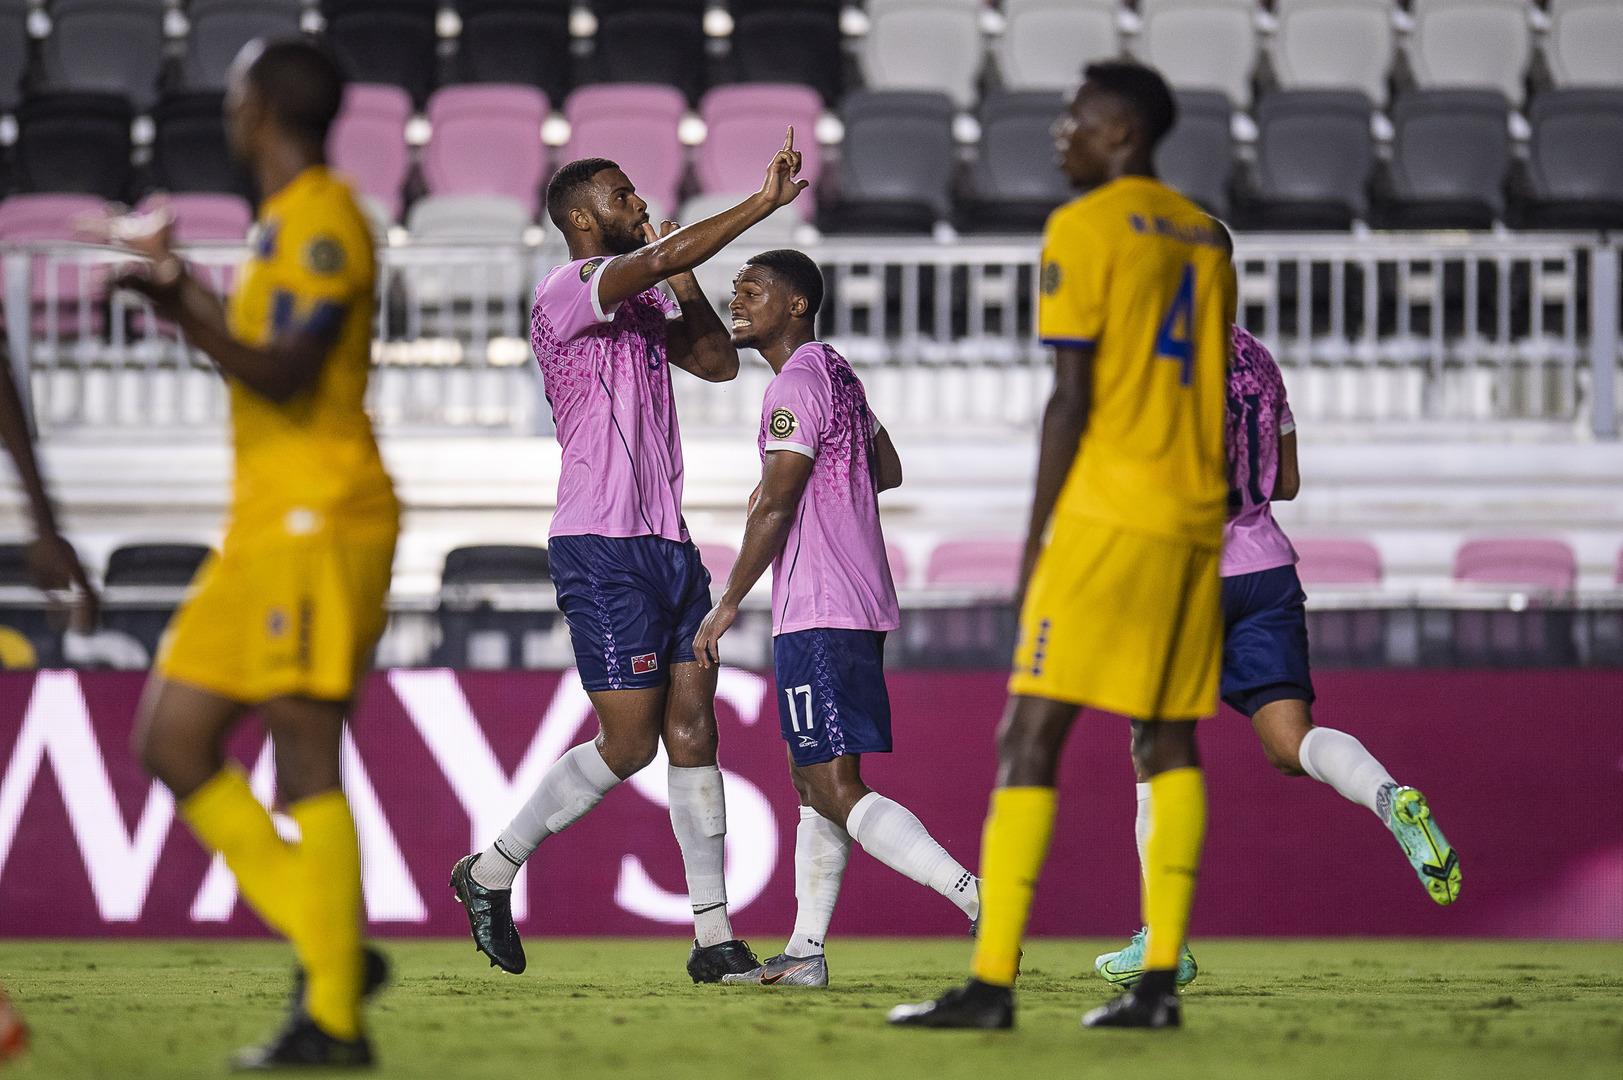 Bermuda vs Barbados football 2021 Concacaf photos (2)